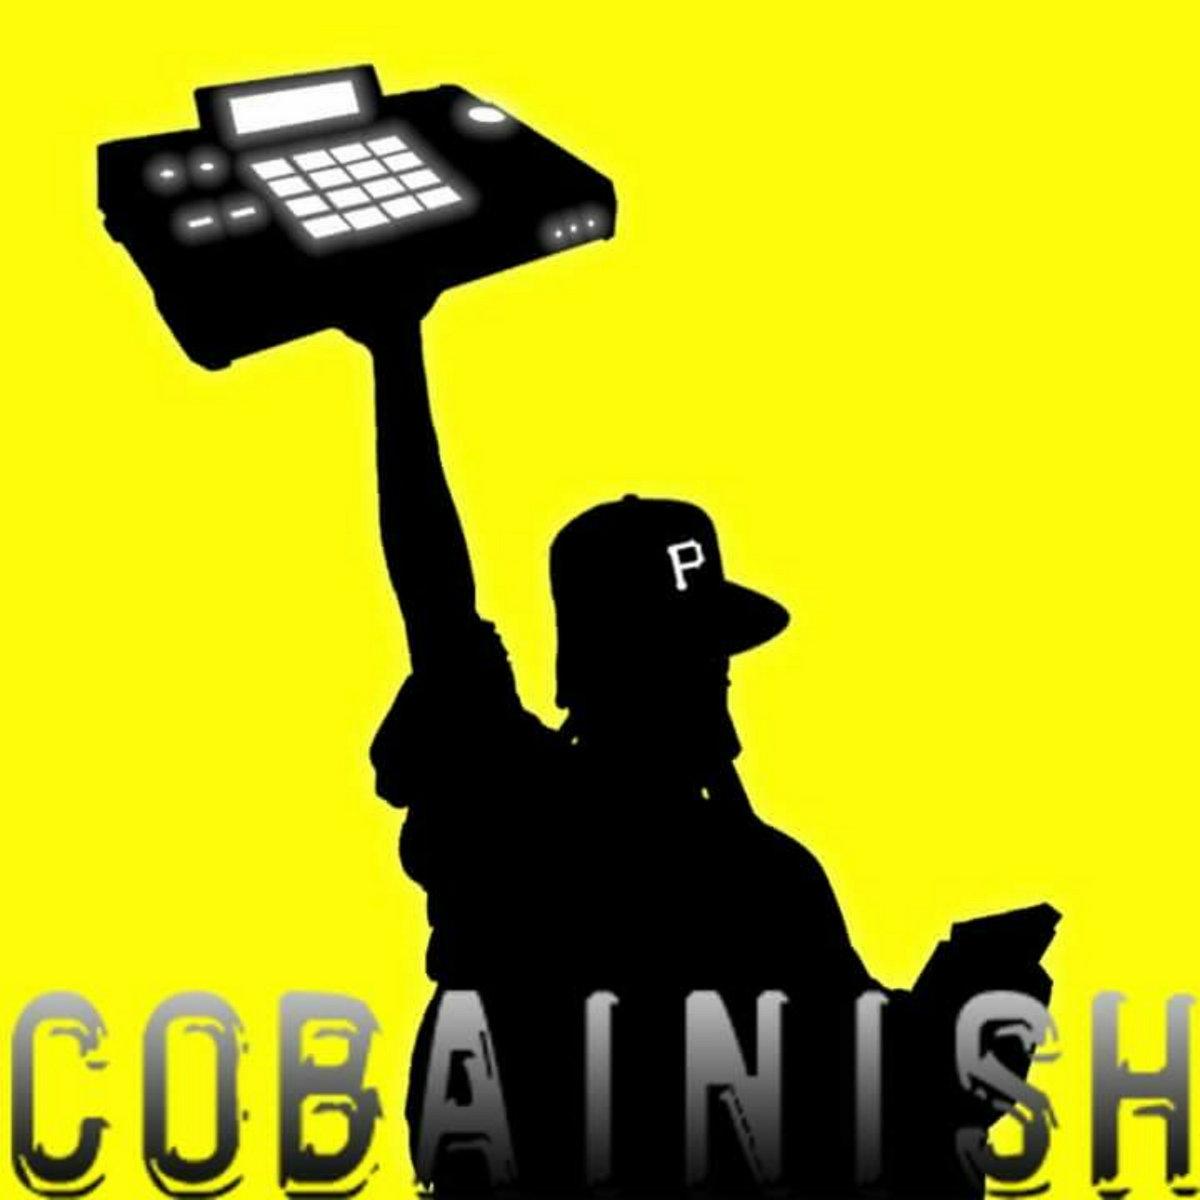 Shade Cobain